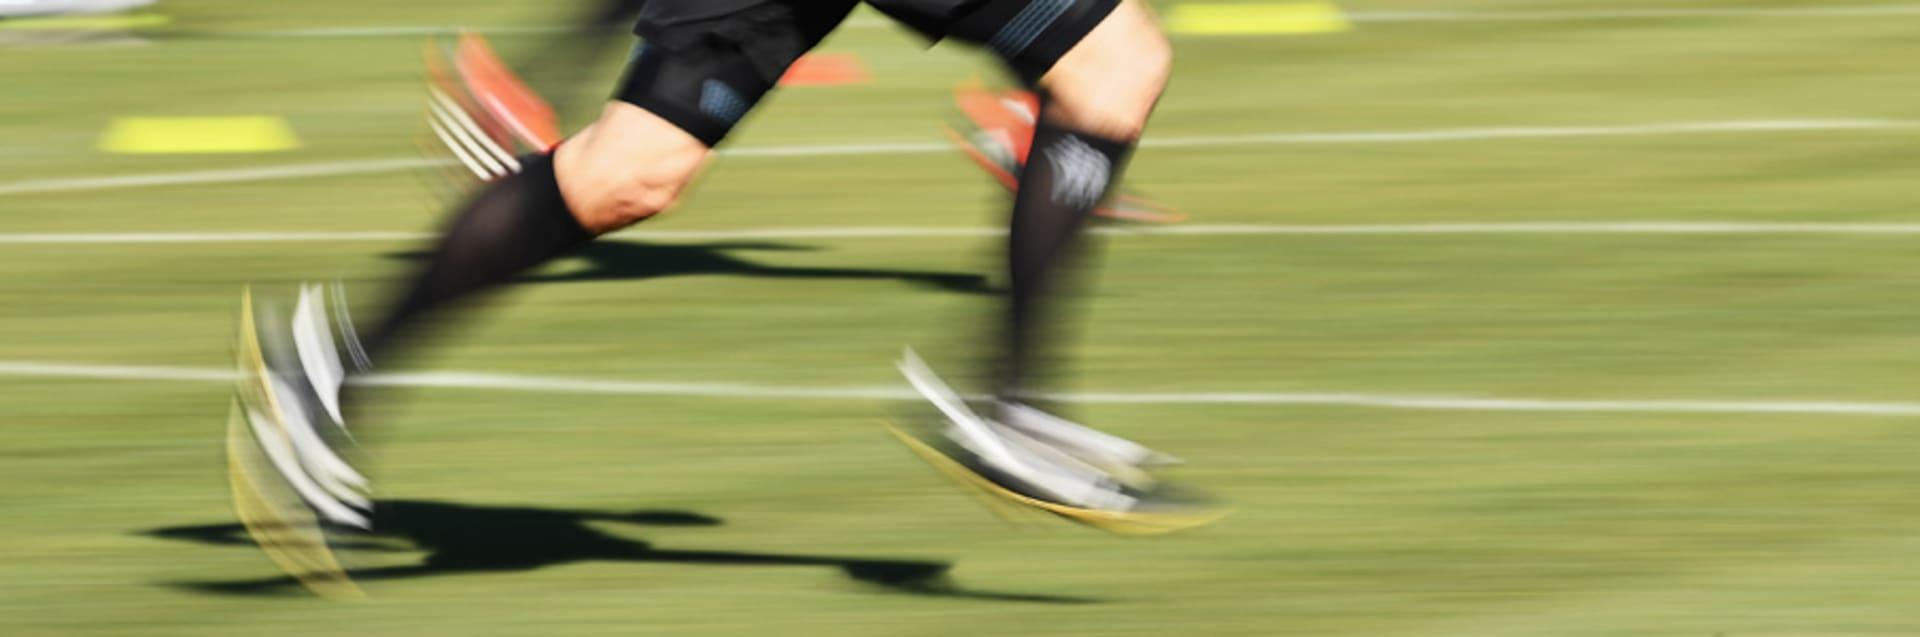 Sprinttraining, das selbstständig auf dem Platz durchgeführt werden kann.